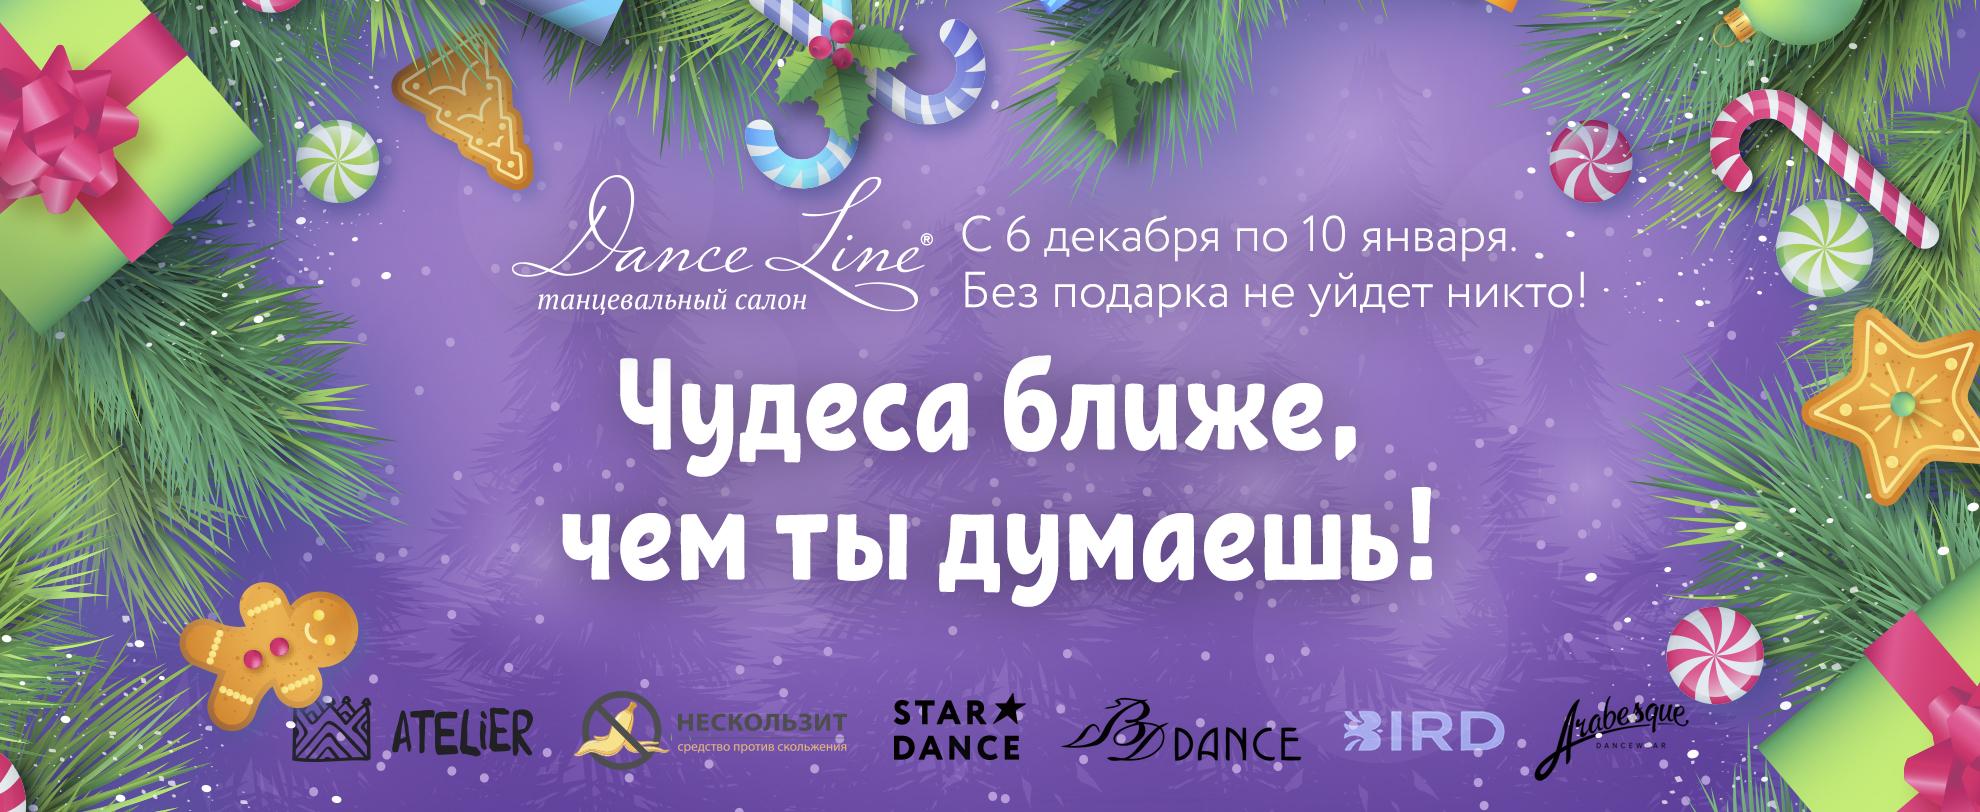 Новогодняя акция в dance line